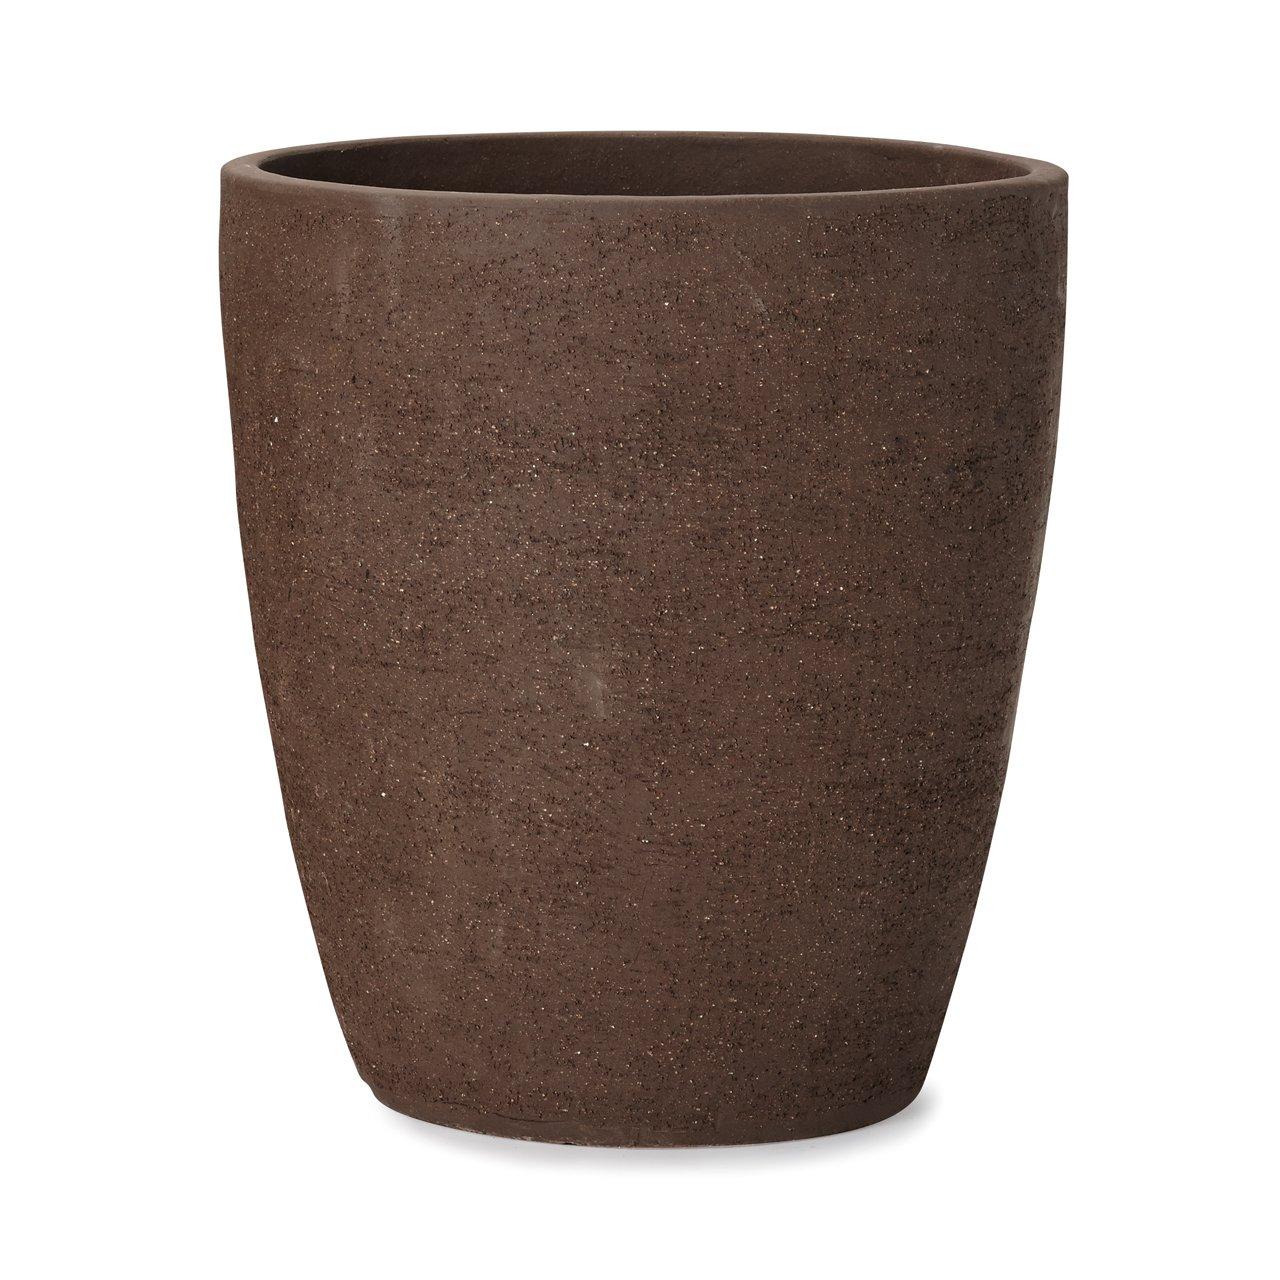 植木鉢 小型中型大型 トリニダード 972 XL 15号 黒土 B07BQHZH55 XL 15号|黒土 黒土 XL 15号